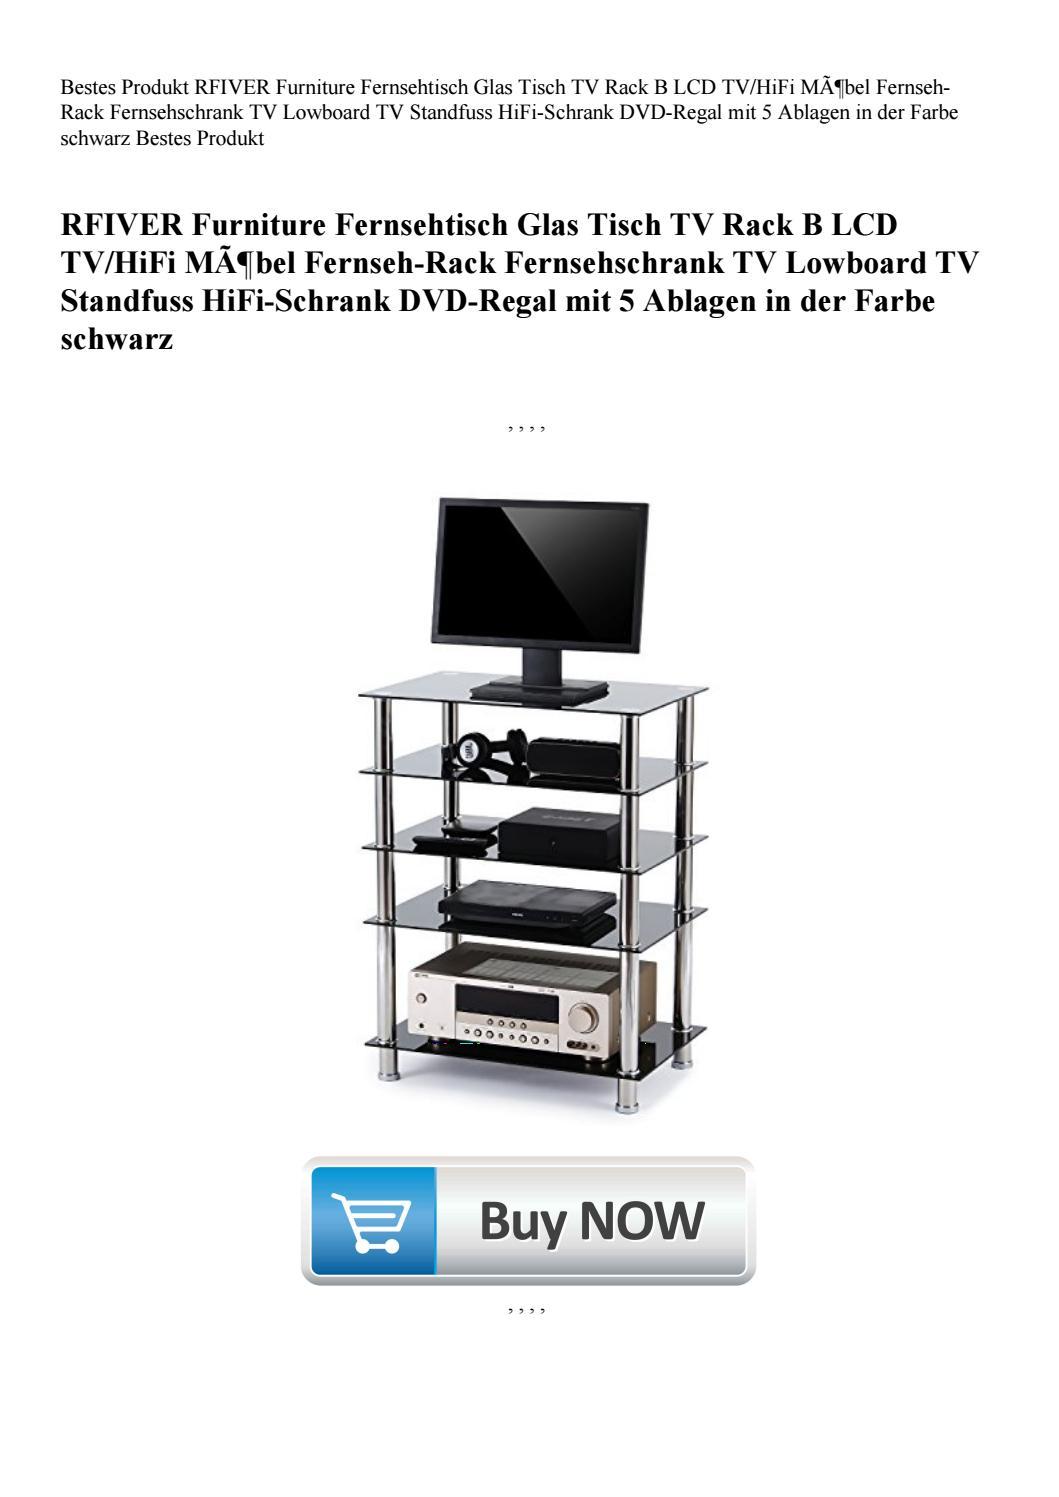 Bestes Produkt Rfiver Furniture Fernsehtisch Glas Tisch Tv Rack B